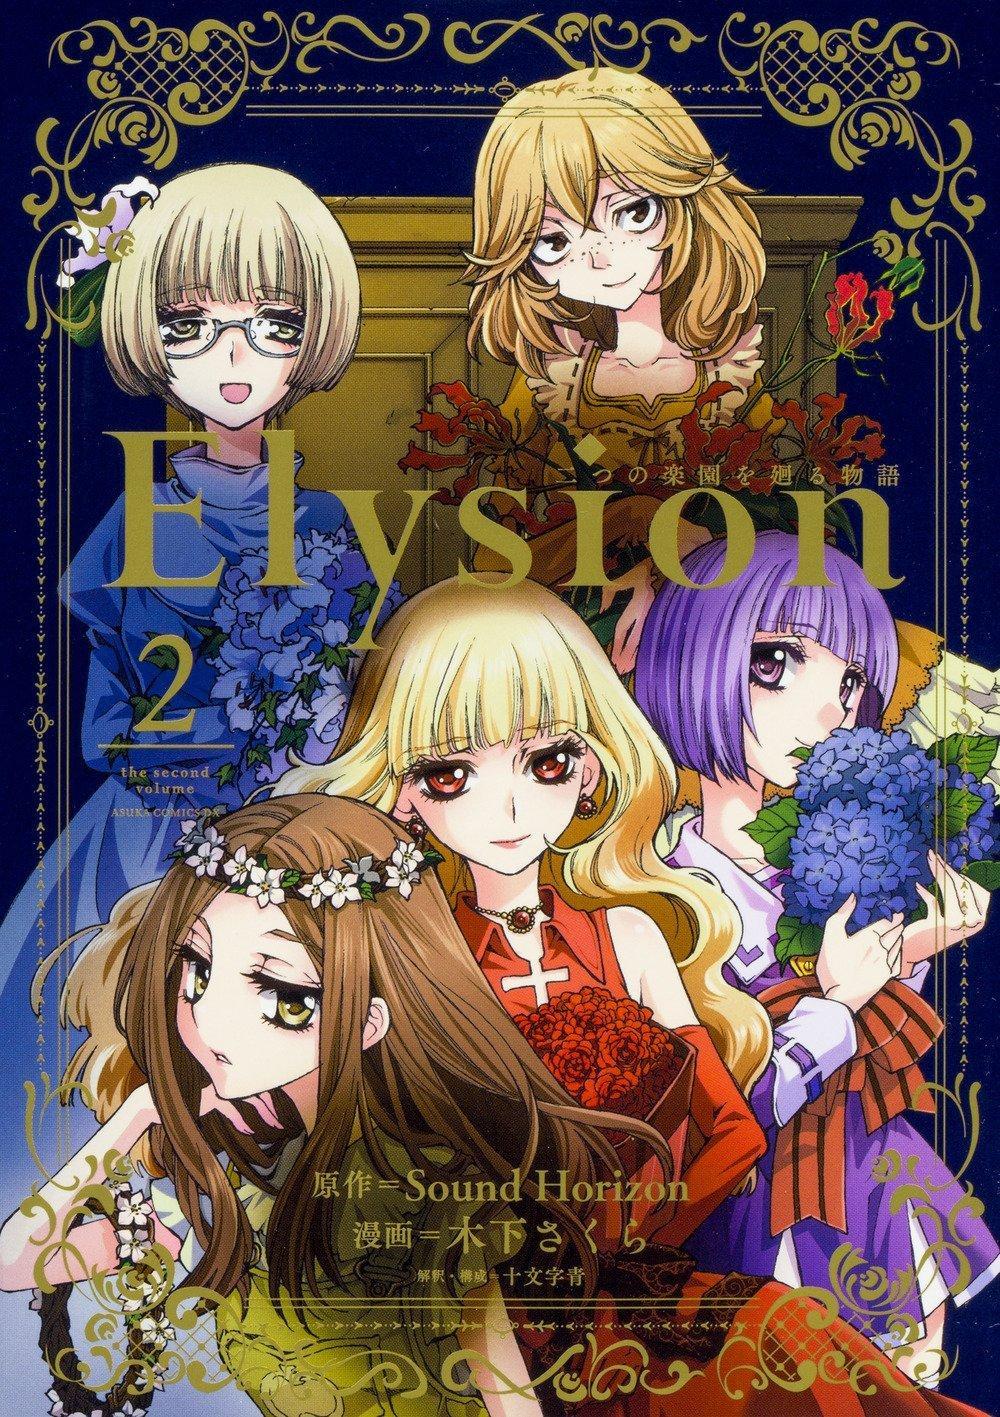 Elysion 二つの楽園を廻る物語 (2)